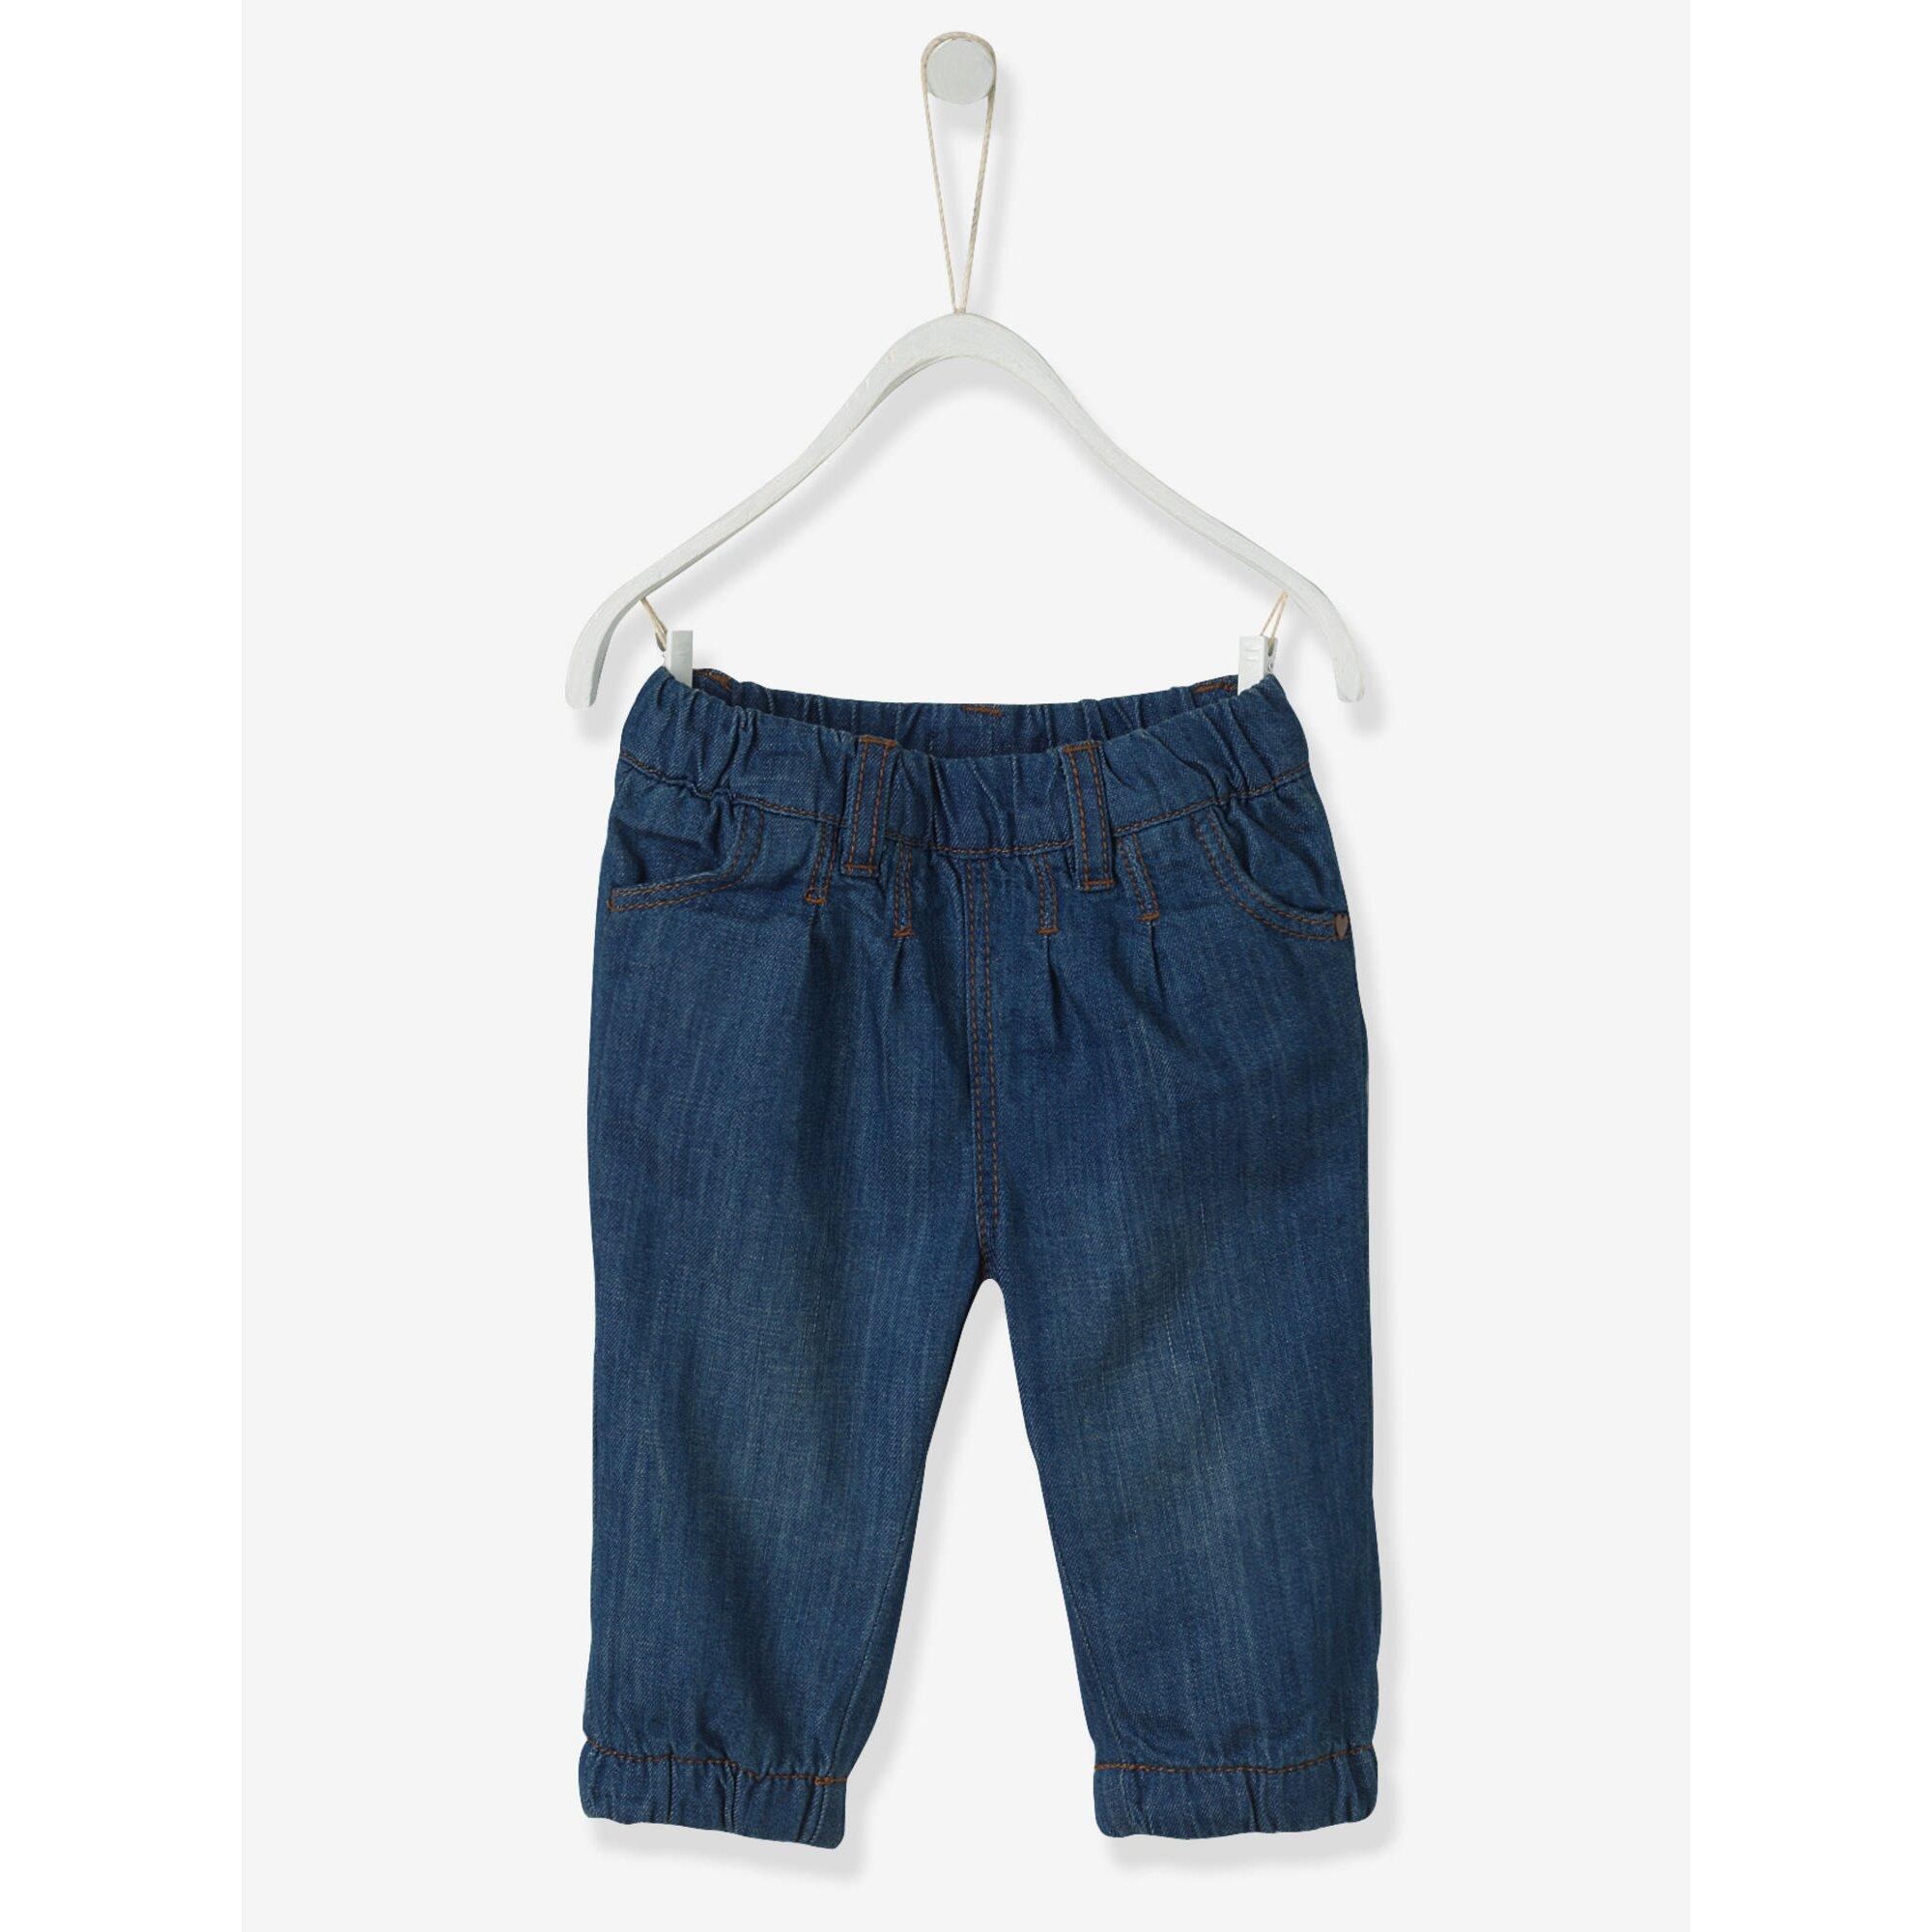 vertbaudet-jeans-fur-baby-madchen-aus-baumwoll-denim